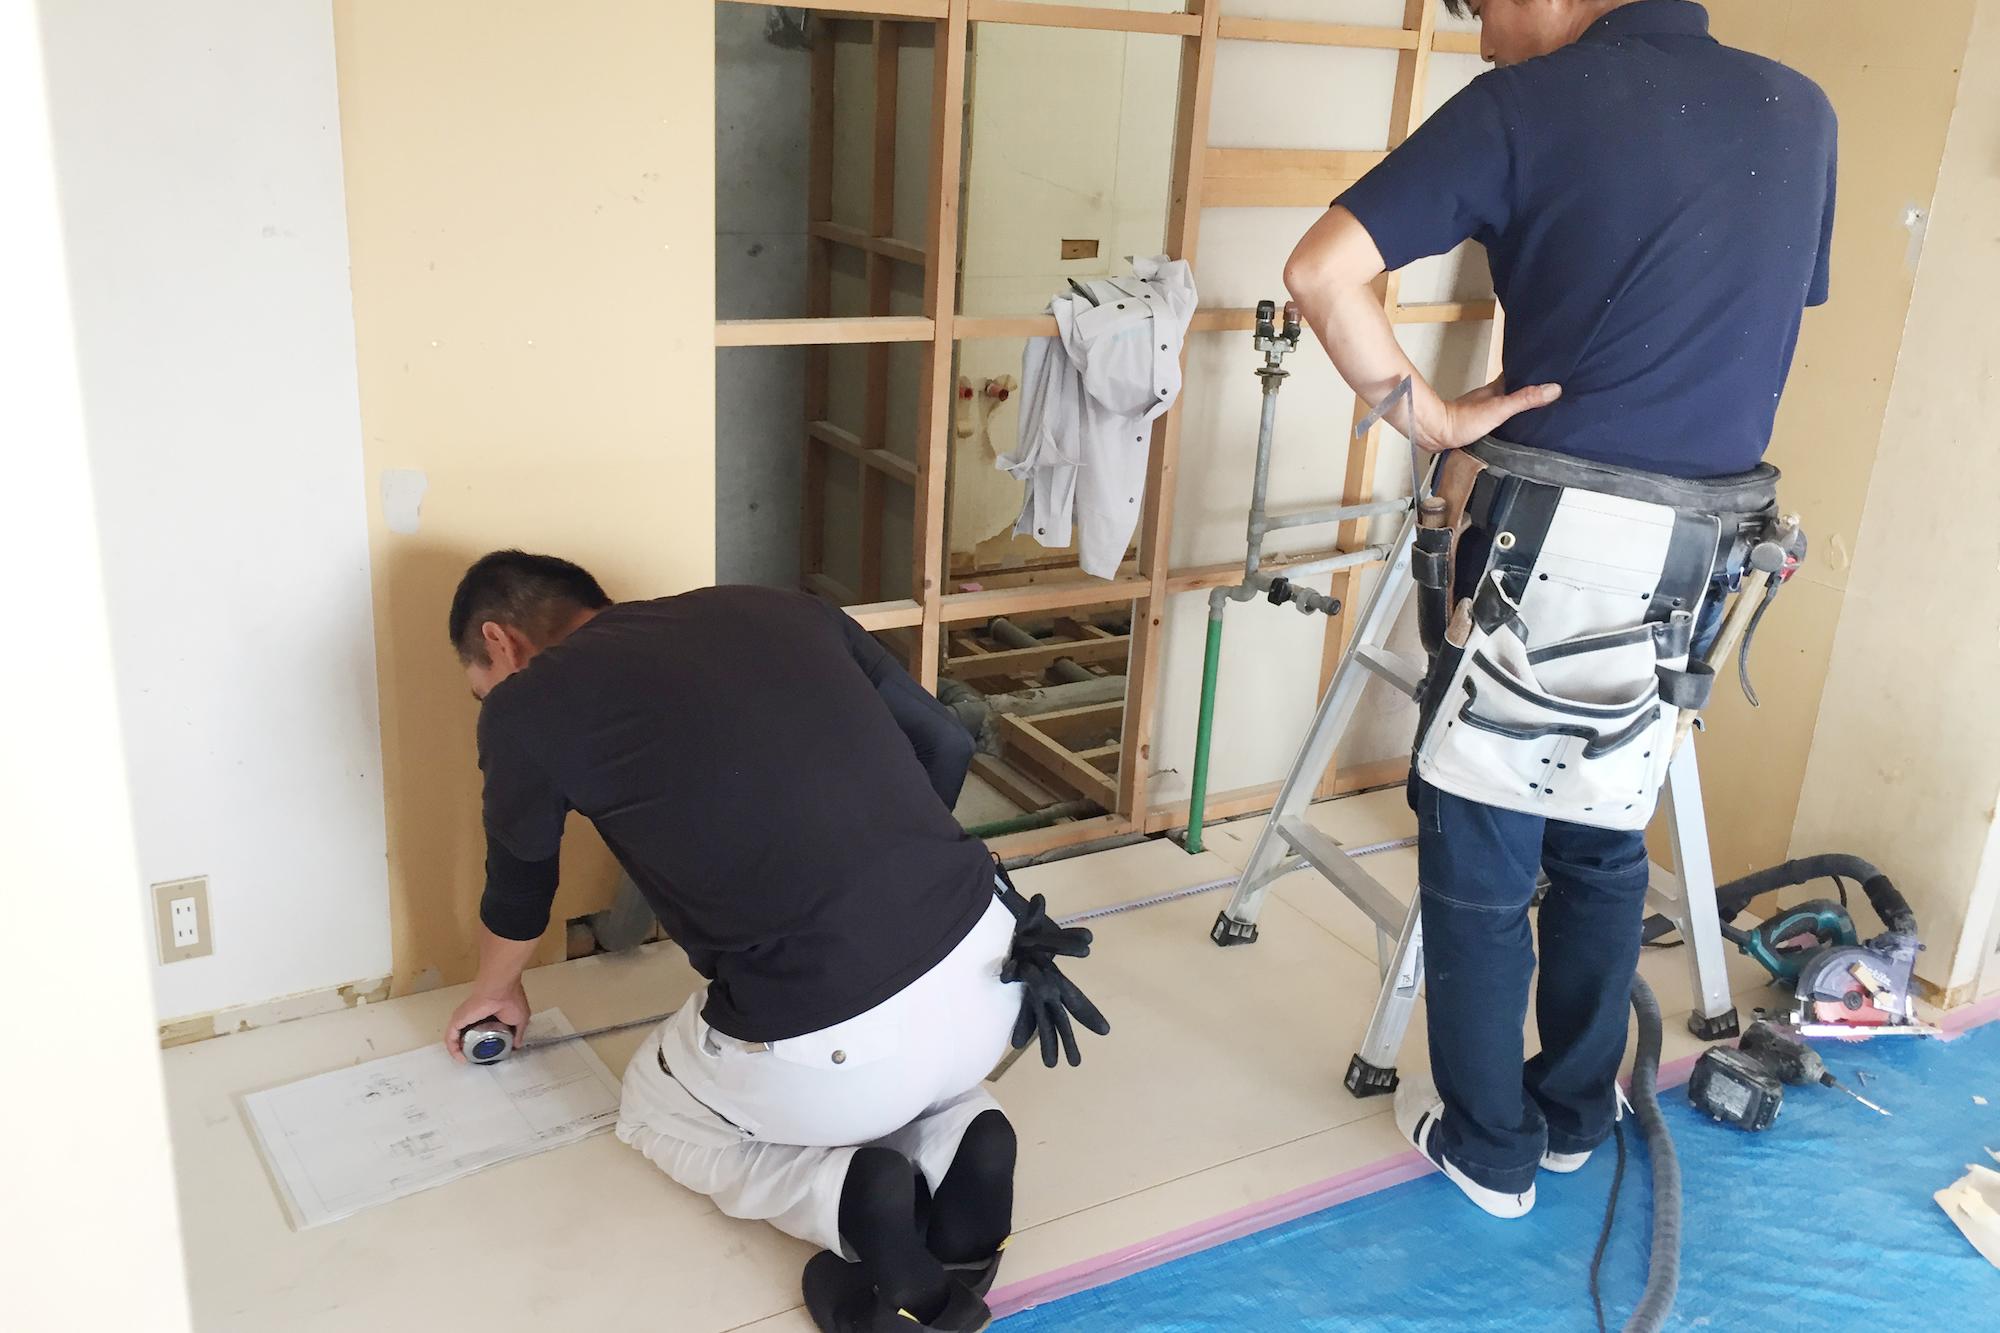 Ot様邸 奈良市 マンションリノベーション 造作・設備配管・電気配線工事